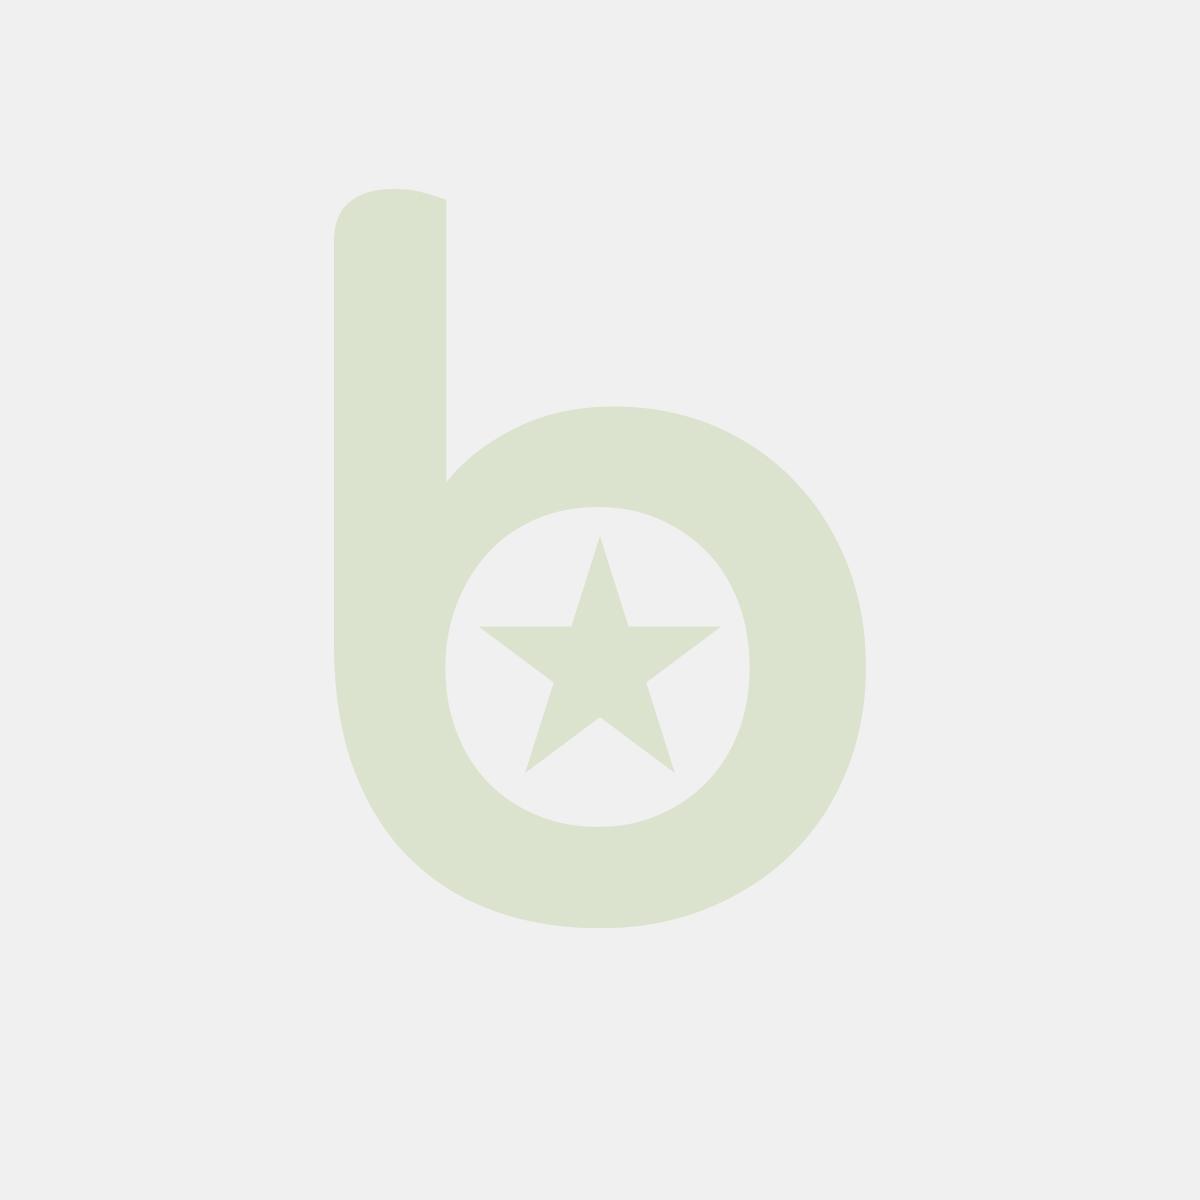 Kieliszki do wina LINIA CABERNET średnica 81 mm (6 sztuk) - kod 46973